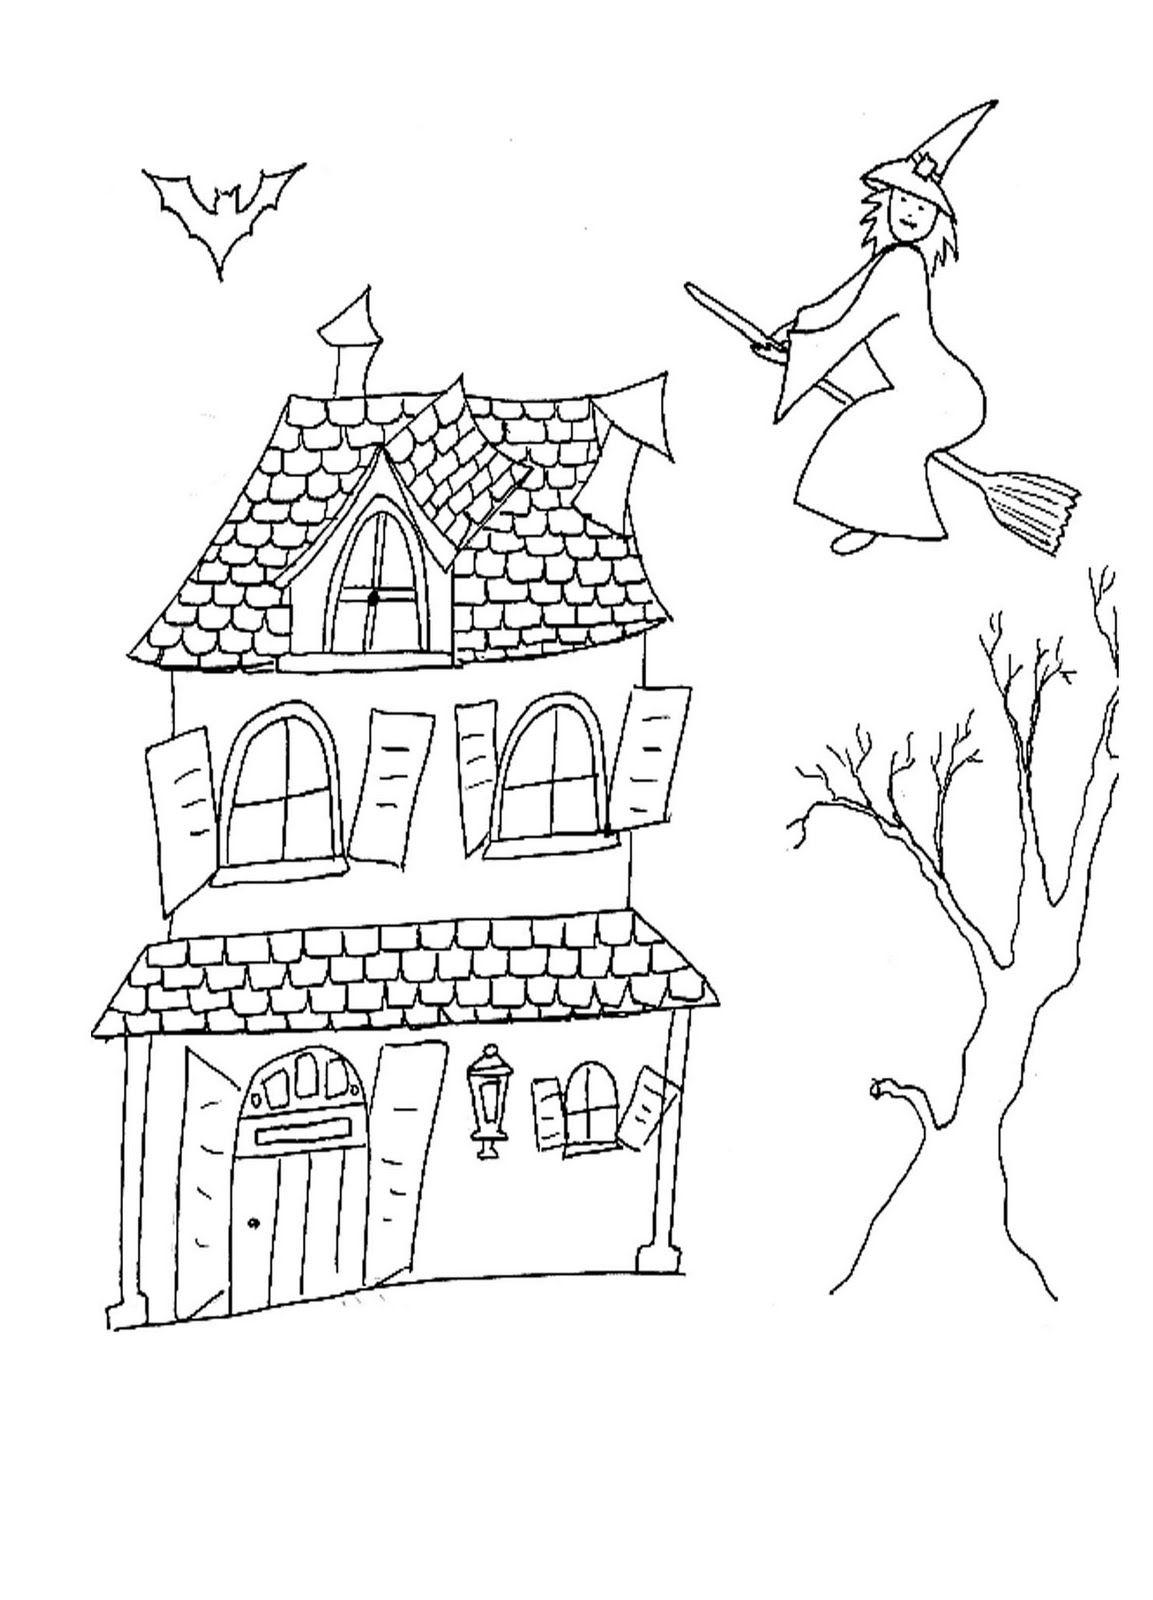 Casa Encantada Y Bruja Dibujalia Dibujos Para Colorear Eventos Especiales Halloween Casa Encantada Y Bru Dibujos Dibujo De Casa Dibujos Para Colorear